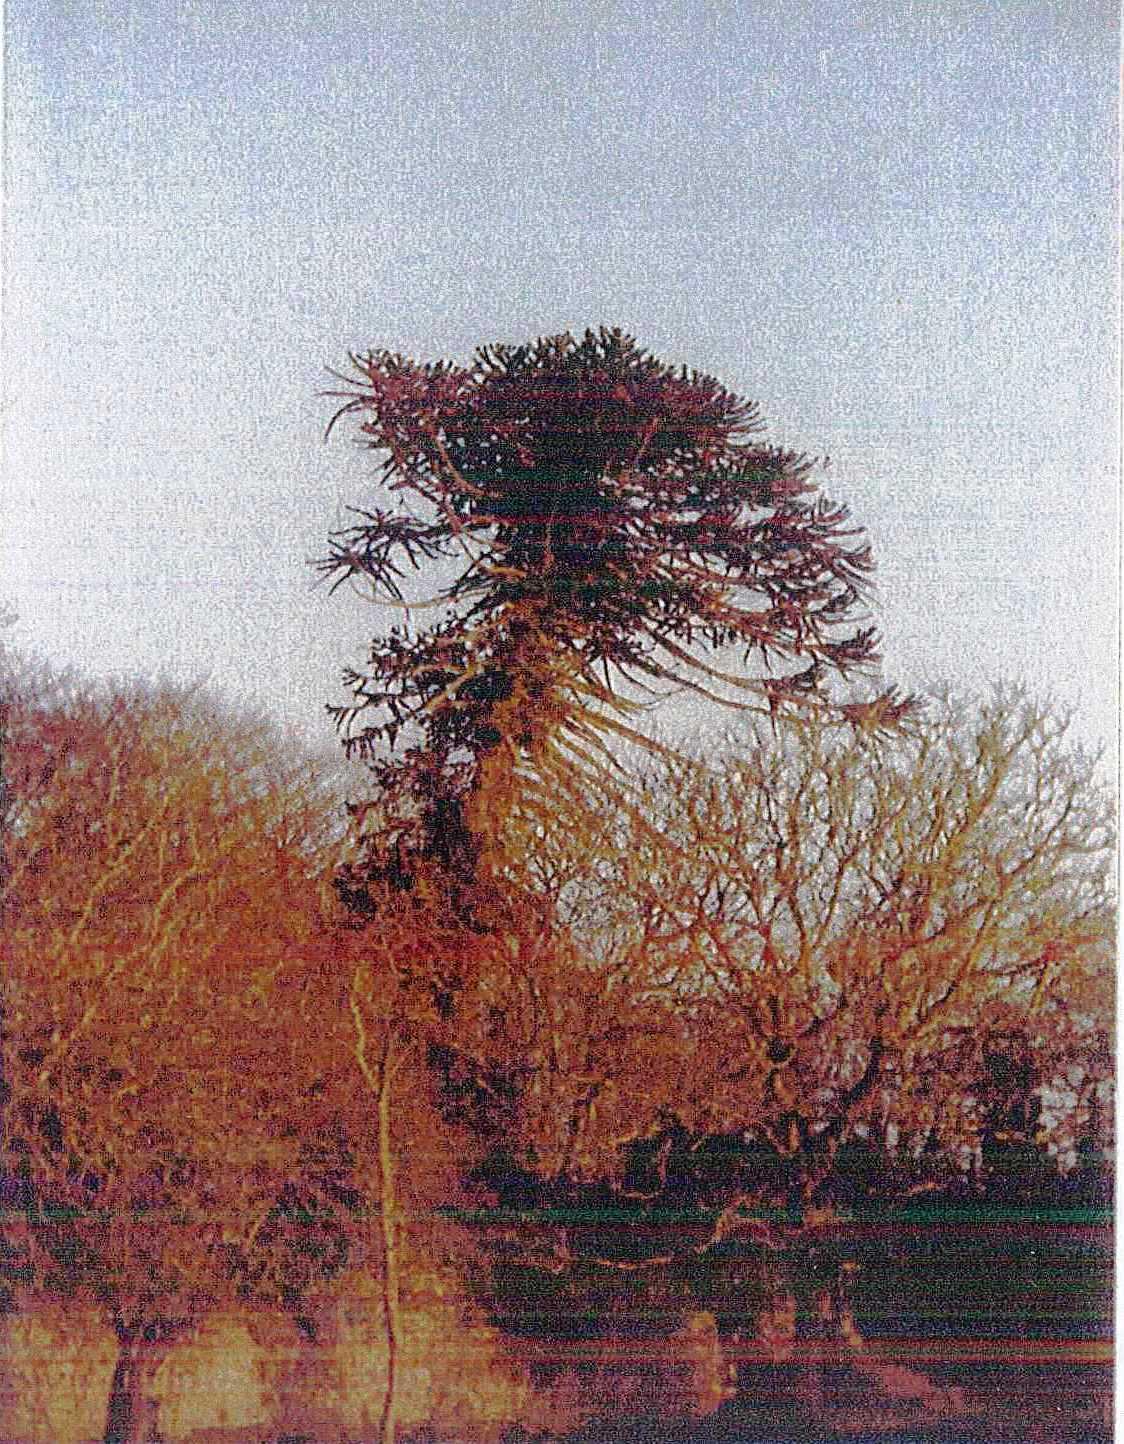 araucaria araucana croissance